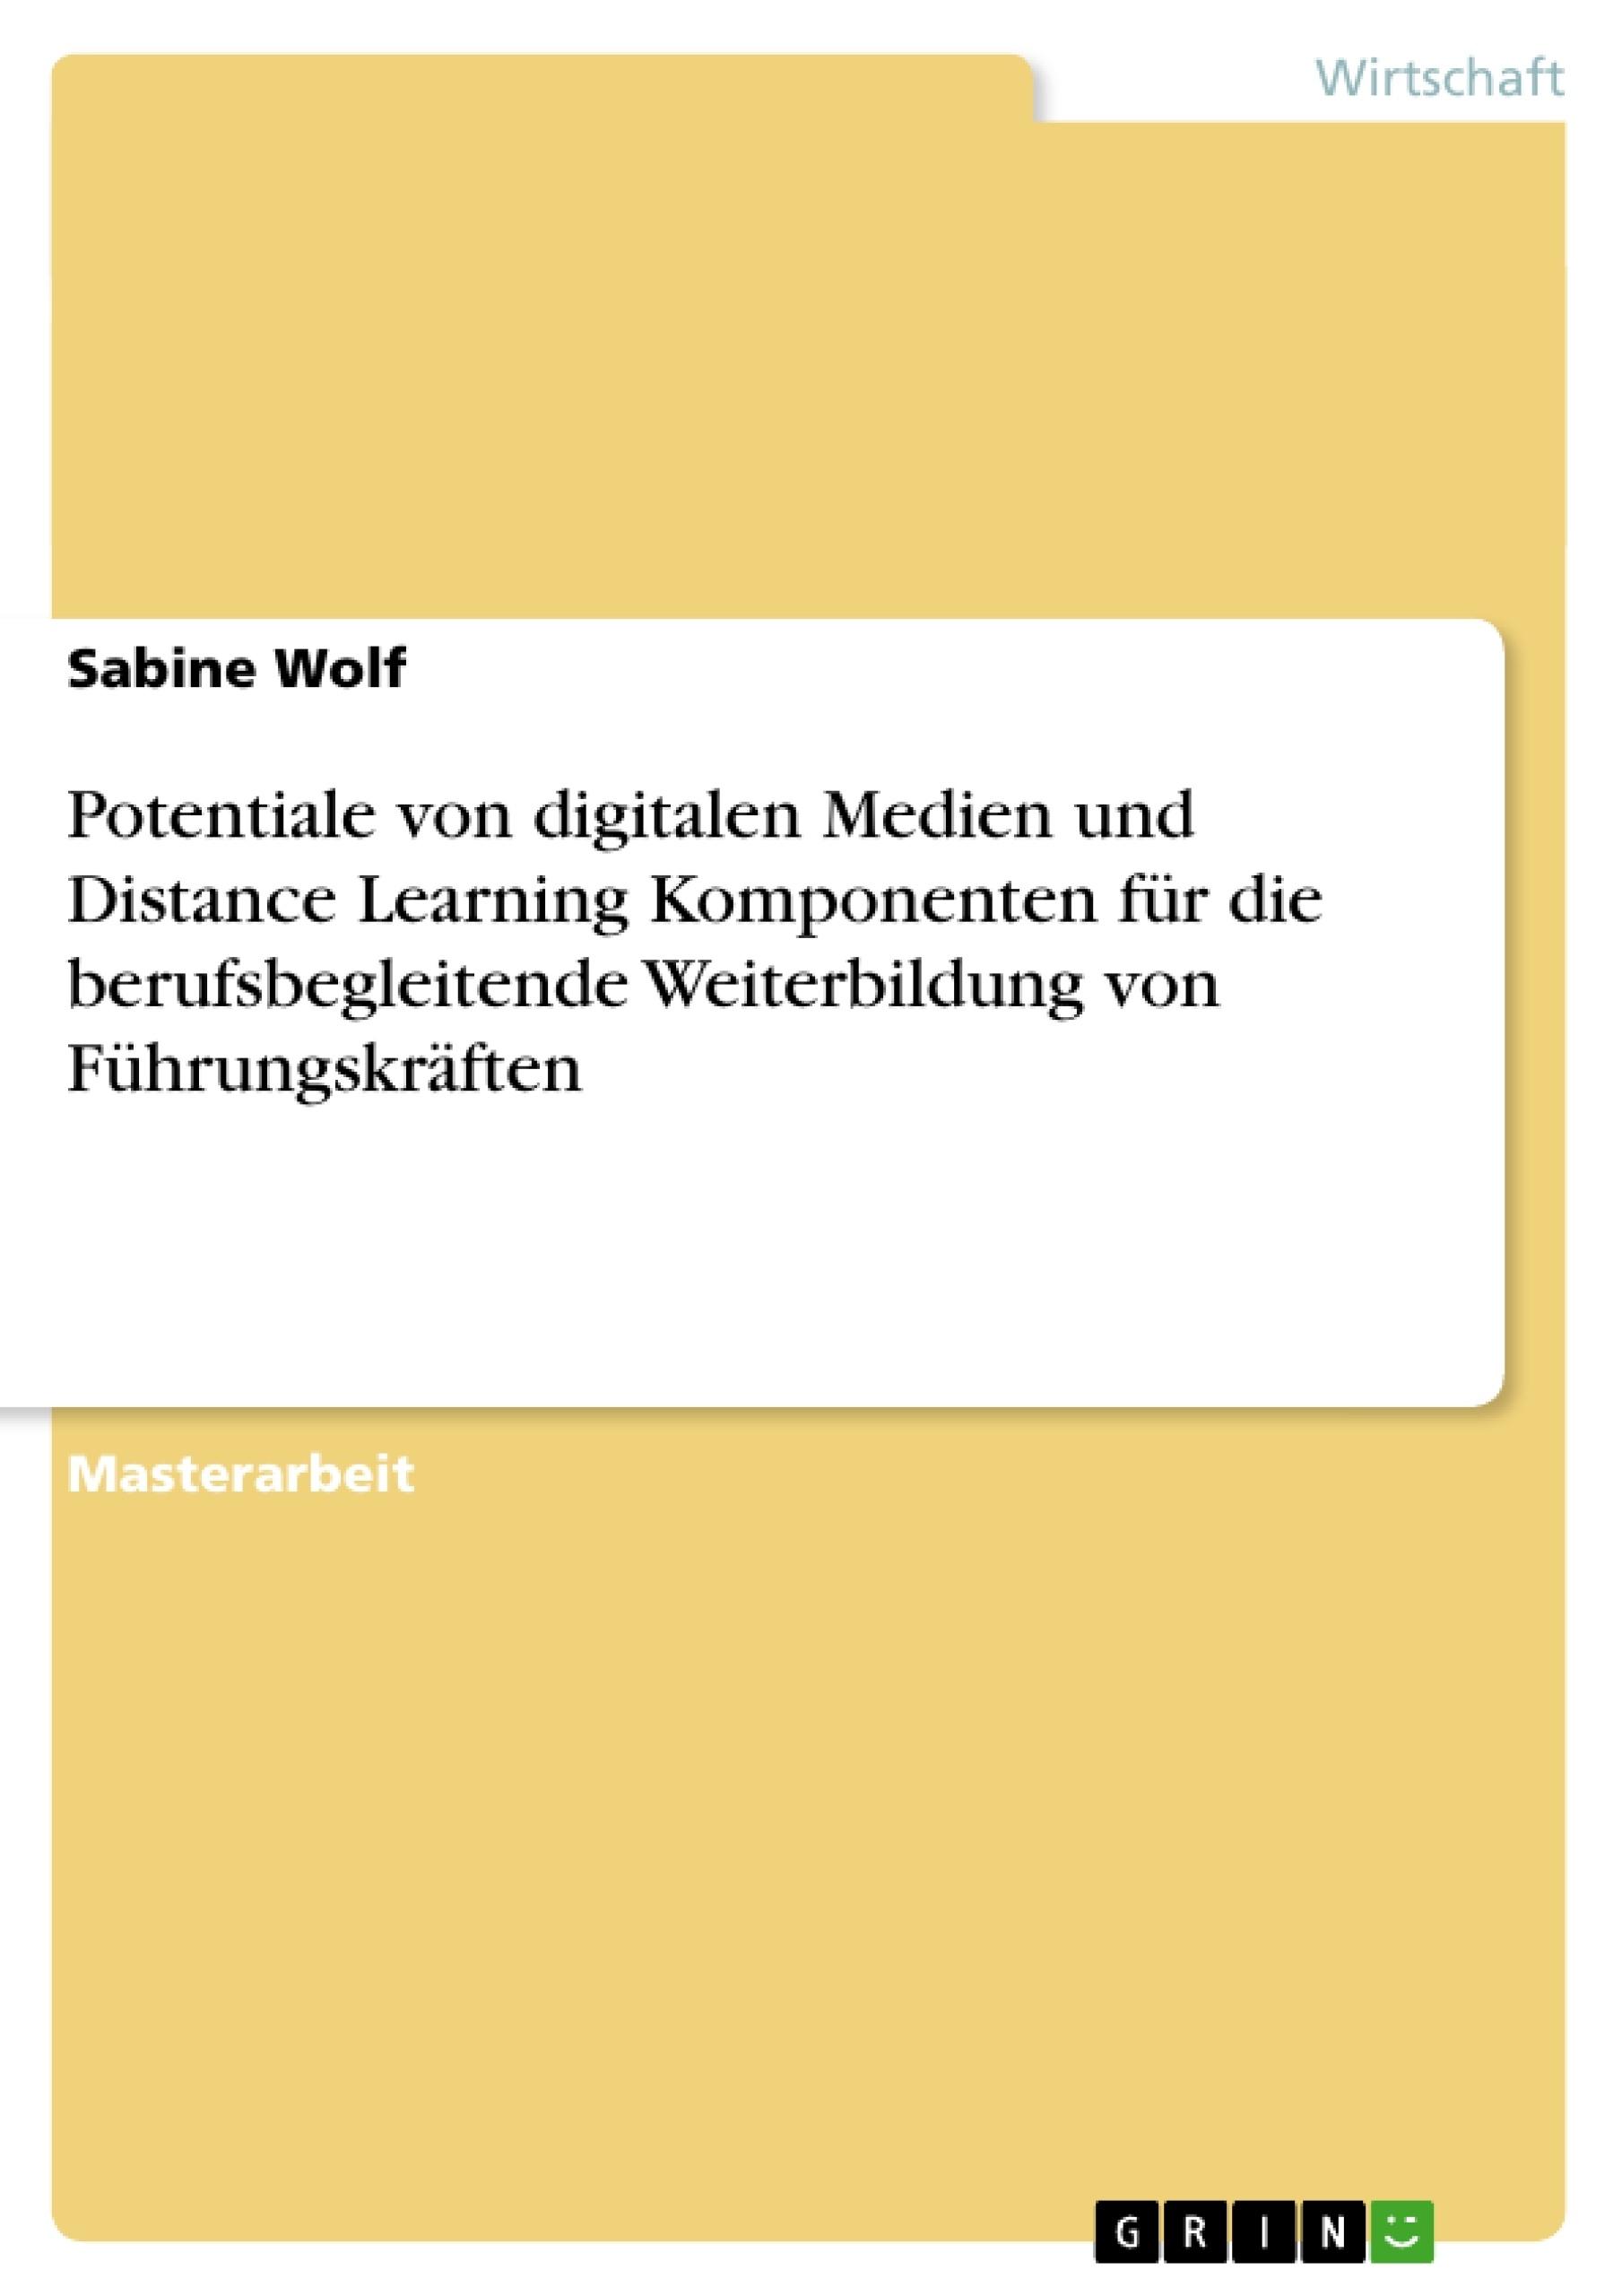 Titel: Potentiale von digitalen Medien und Distance Learning Komponenten für die berufsbegleitende Weiterbildung von  Führungskräften